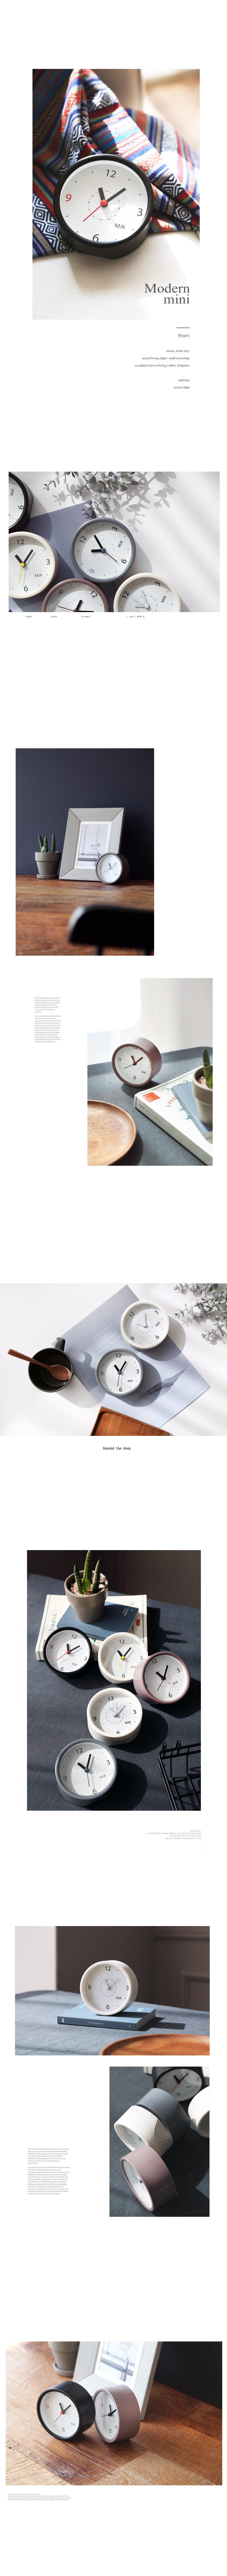 모던  미니 무소음 탁상 시계(5color)  annahouse11,400원-안나하우스인테리어, 시계, 알람/탁상시계, 알람시계바보사랑모던  미니 무소음 탁상 시계(5color)  annahouse11,400원-안나하우스인테리어, 시계, 알람/탁상시계, 알람시계바보사랑